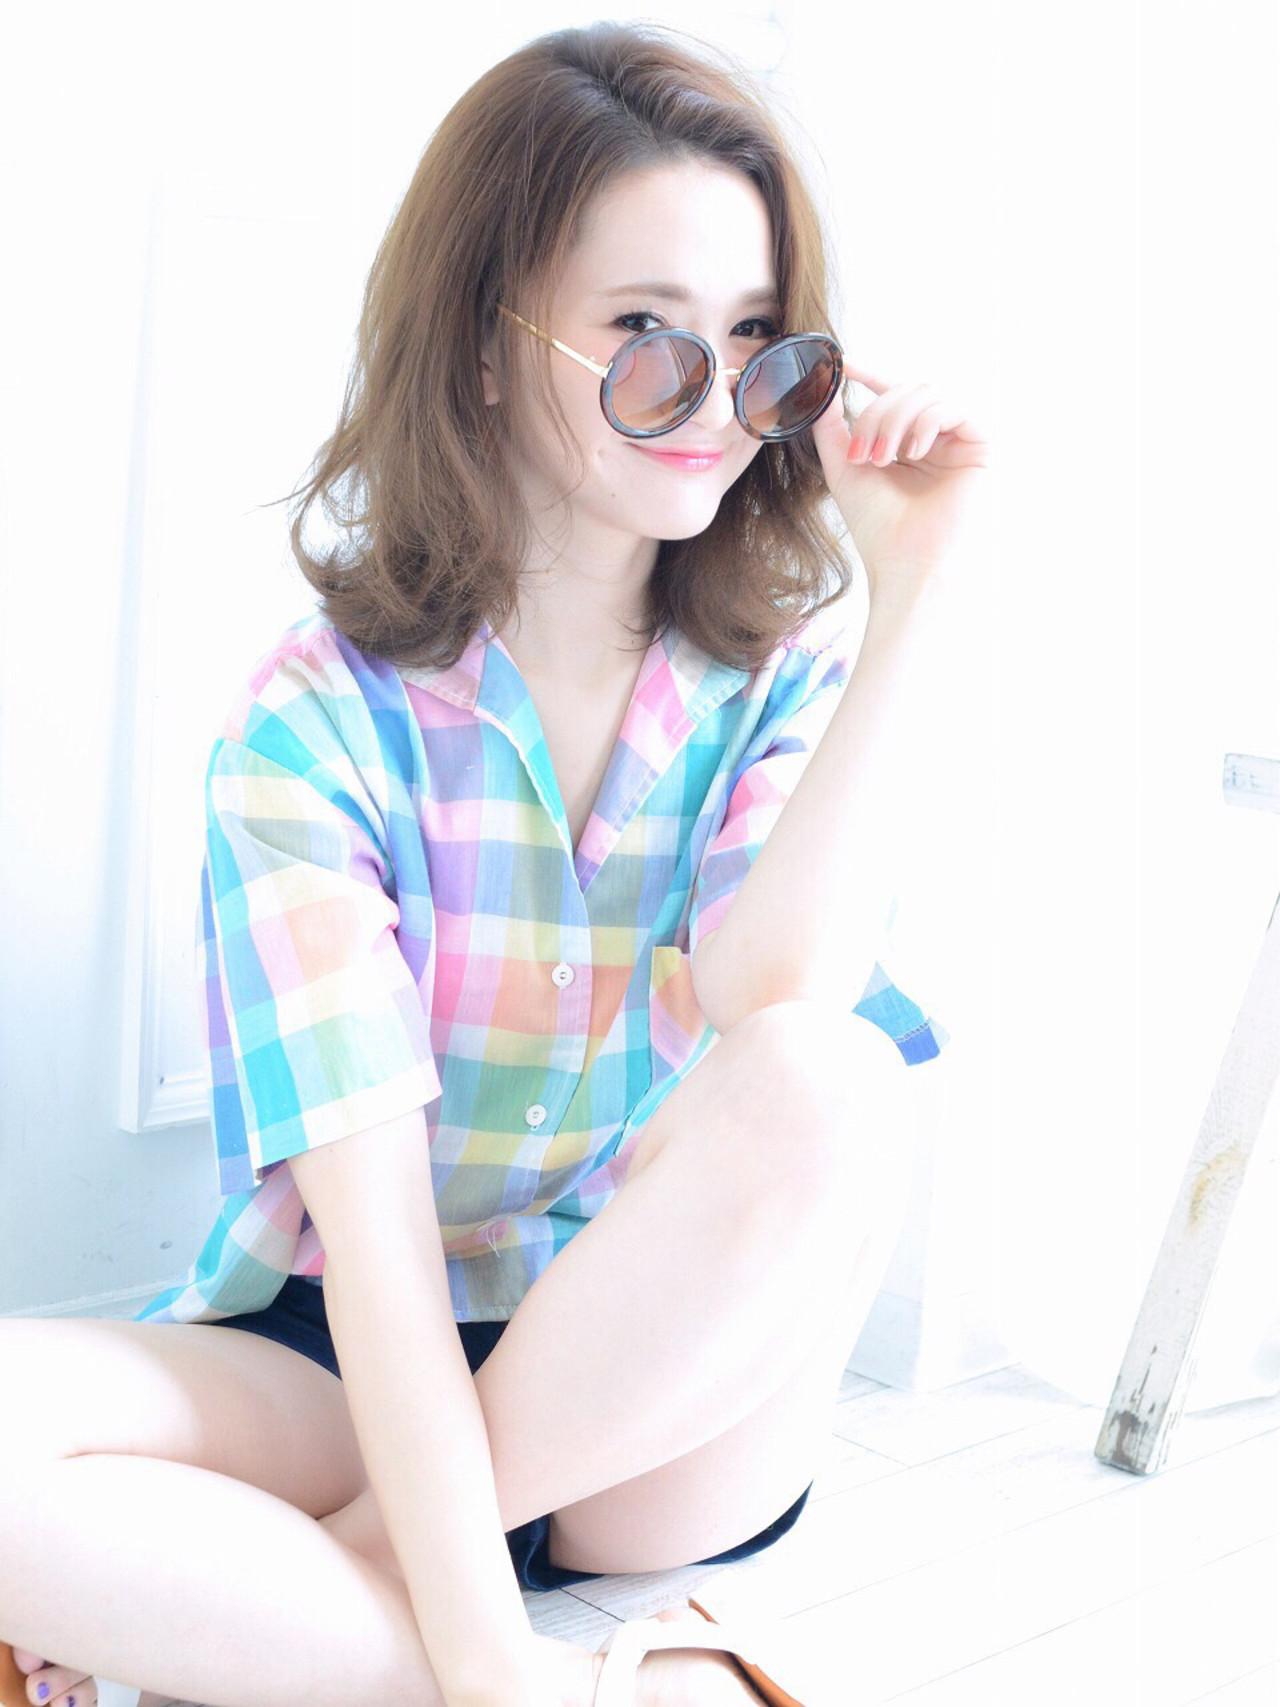 ミディアム ゆるふわ ロブ 外国人風 ヘアスタイルや髪型の写真・画像 | 清井 慎二 / DISHEL ディシェル